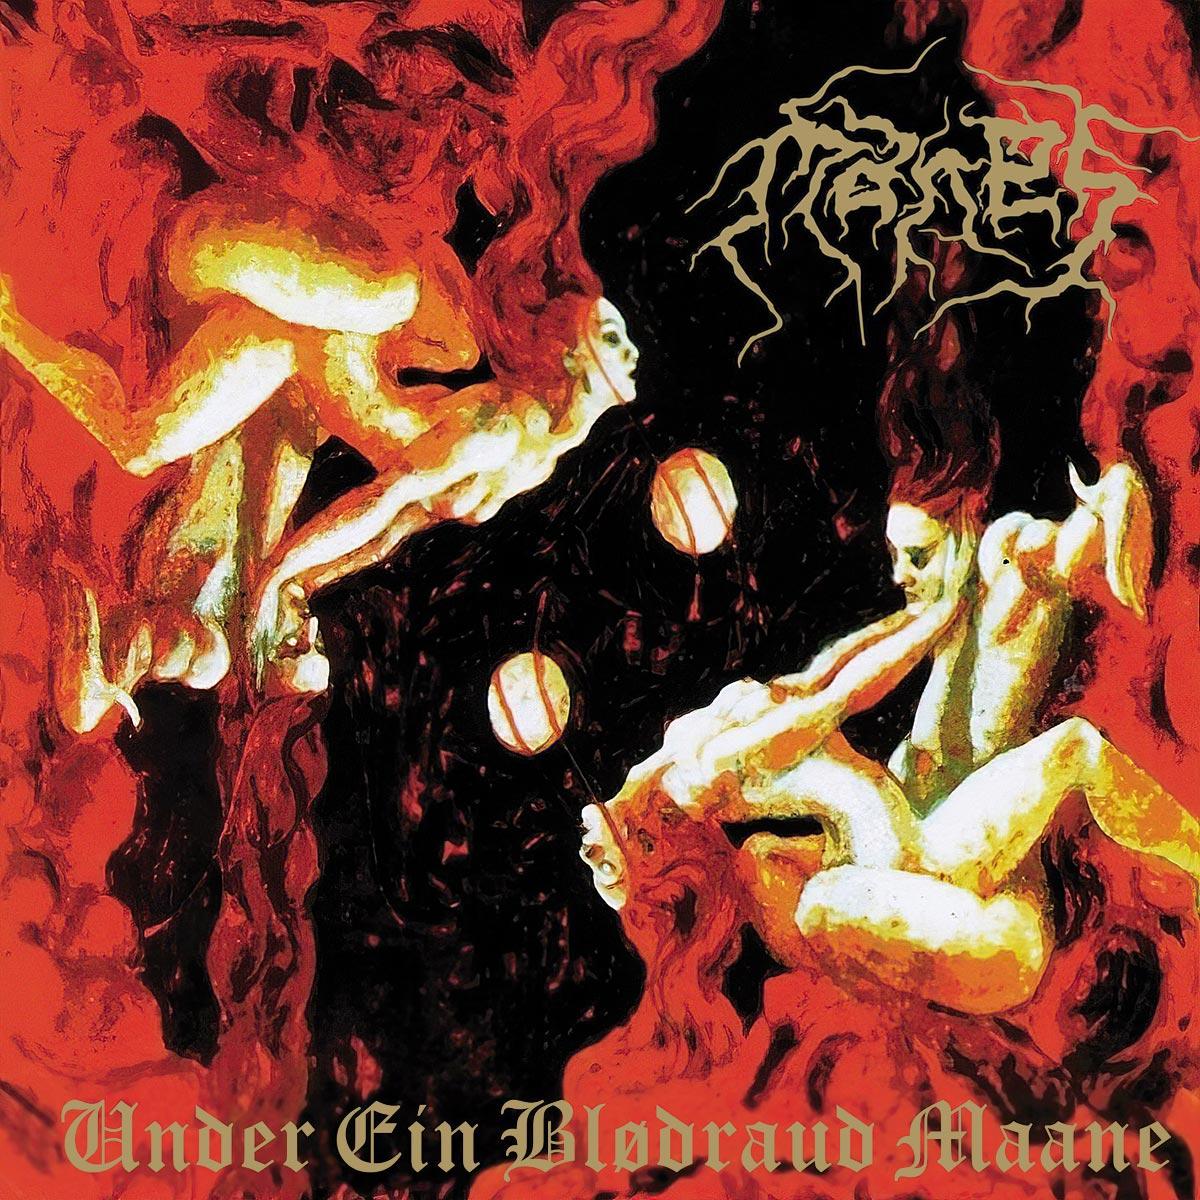 Manes - Under Ein Blodraud Maane (album cover)